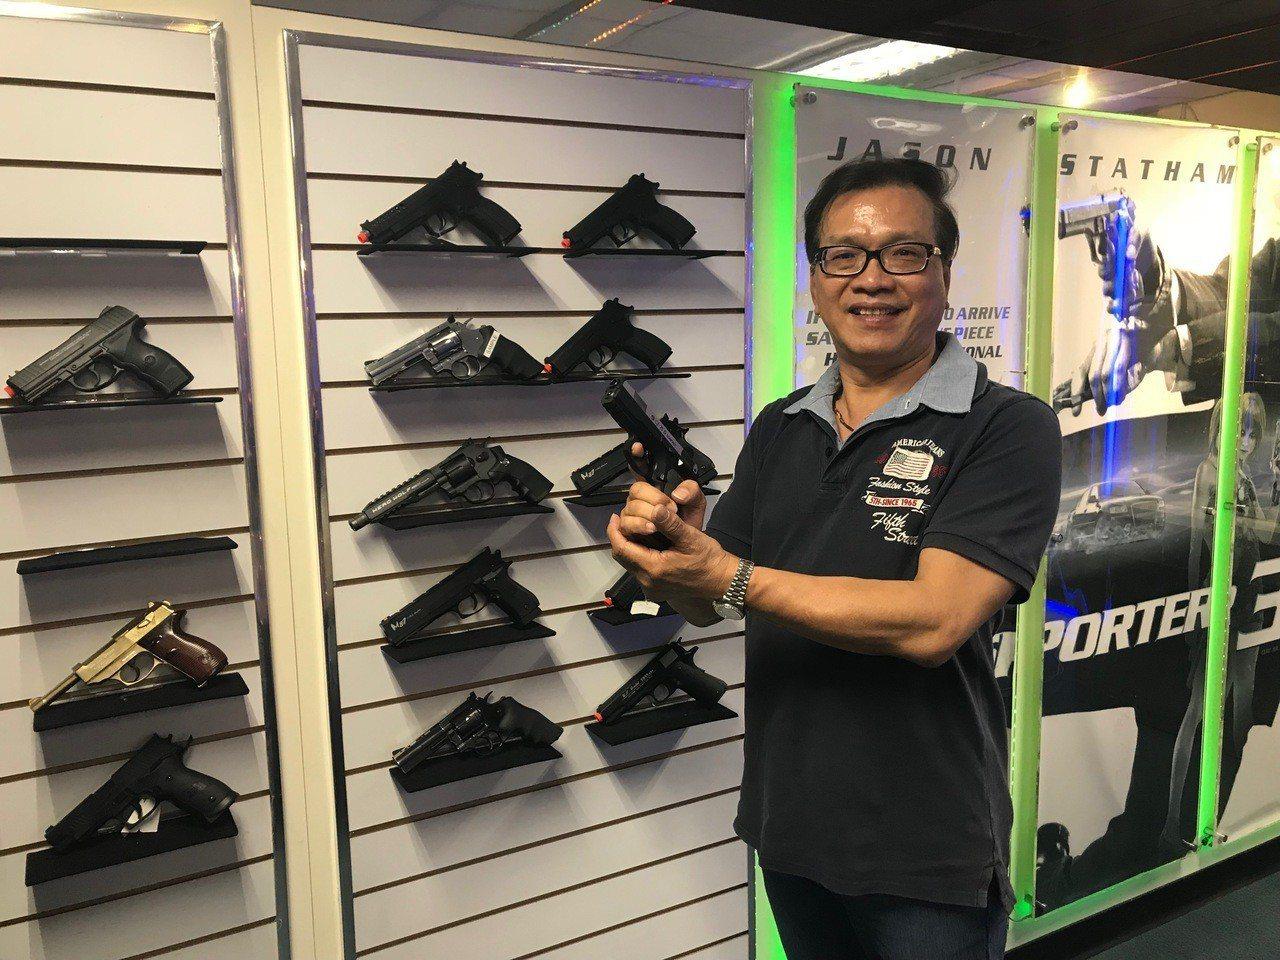 中華民國玩具槍協會理事長陳書紘。 張傑/攝影